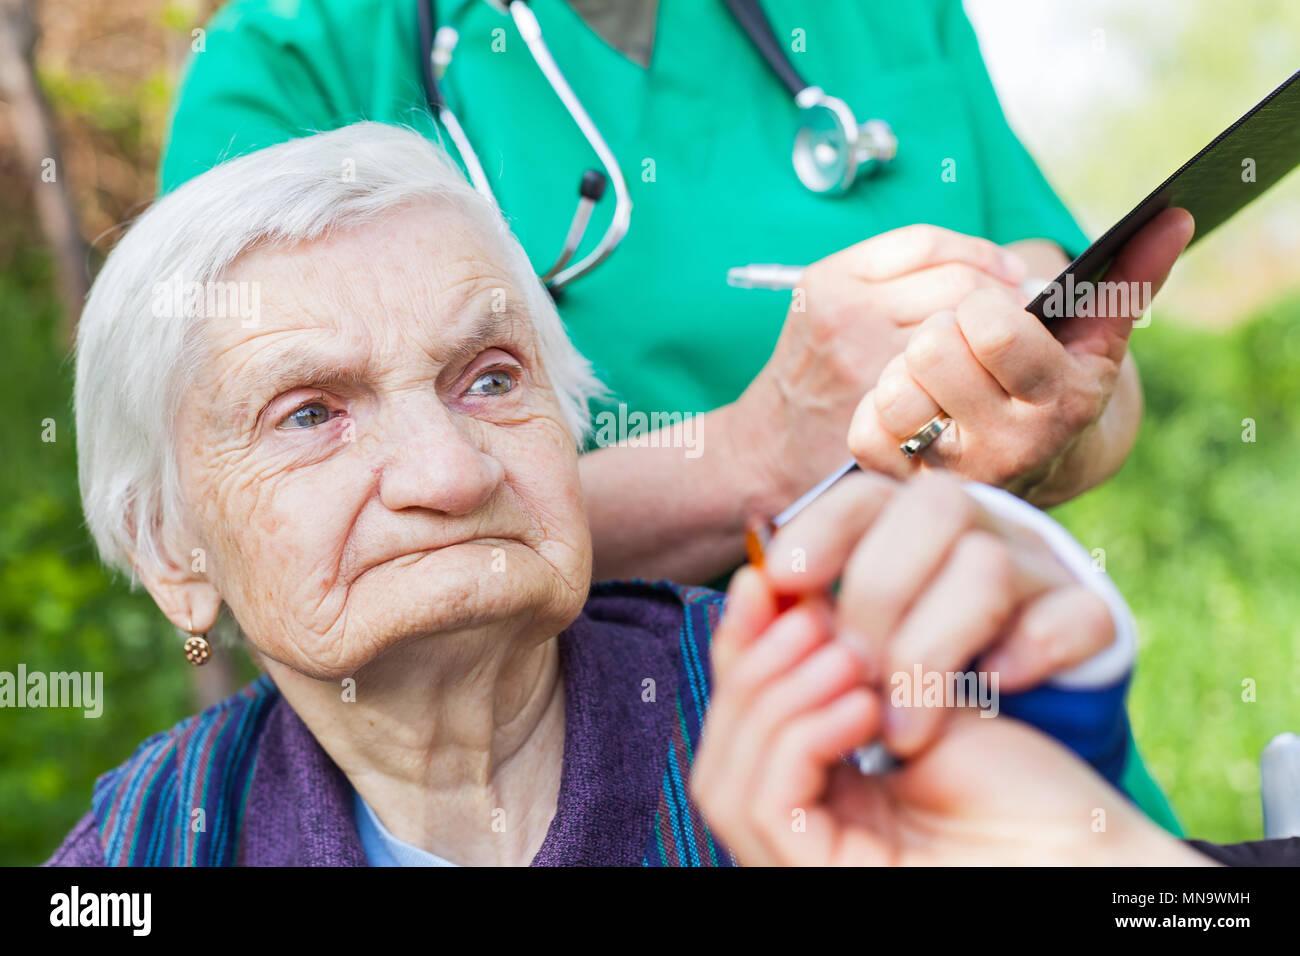 Ältere kranke Frau, die Pillen von Krankenschwester outdoor, Arzt schreiben ärztliche Verschreibung im Hintergrund Stockbild